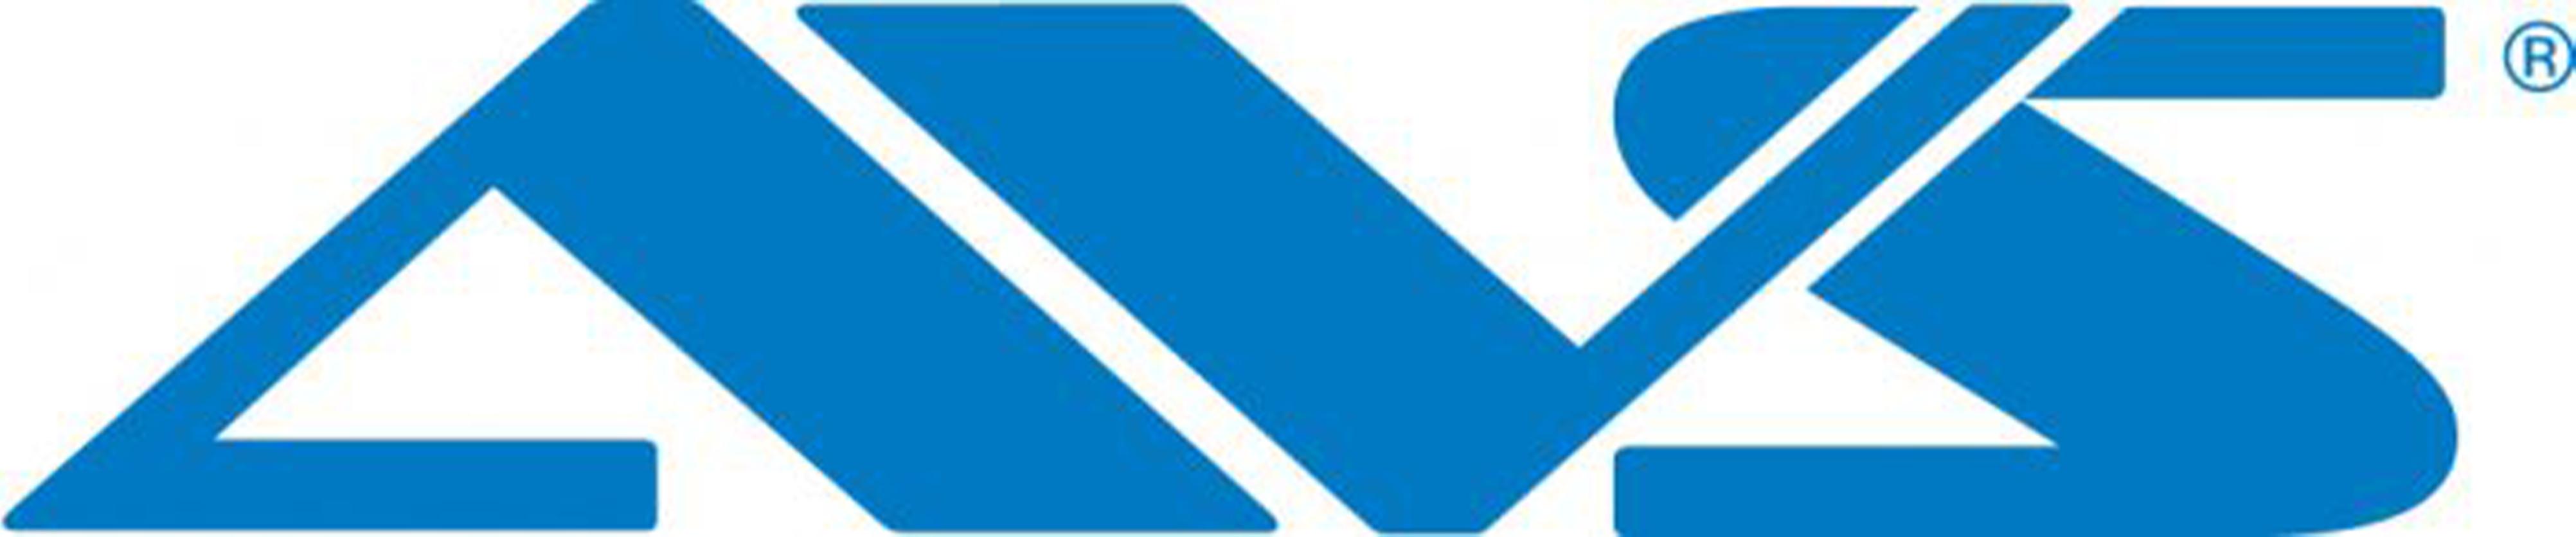 Auto Ventshade (AVS)